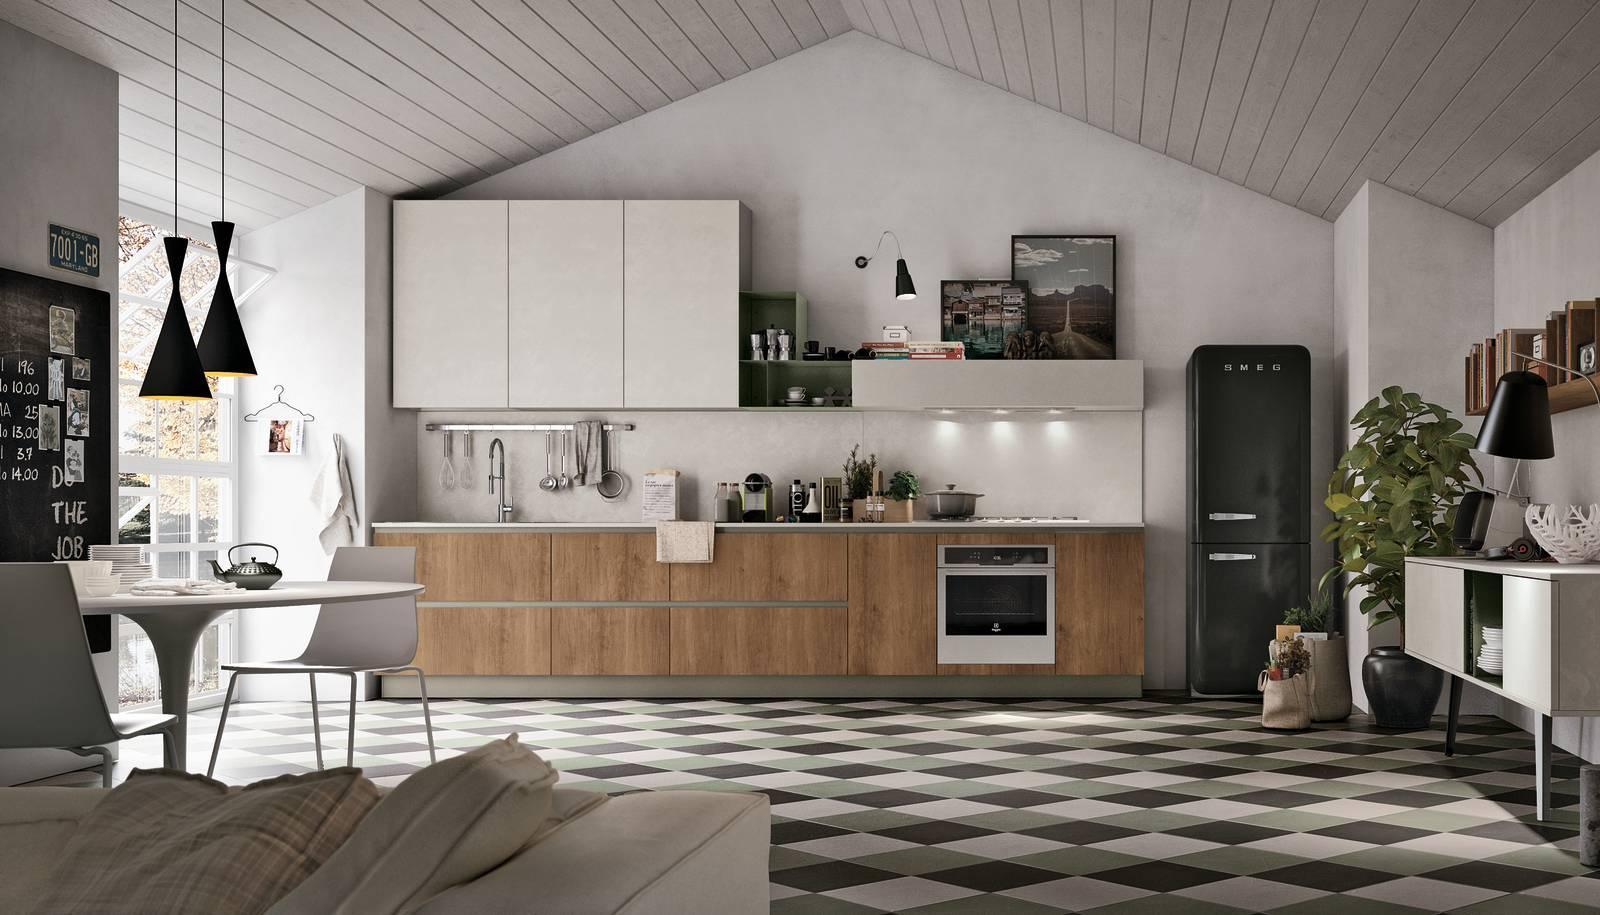 Cucina Free Standing - Home Design 2018 - ricardosm.com